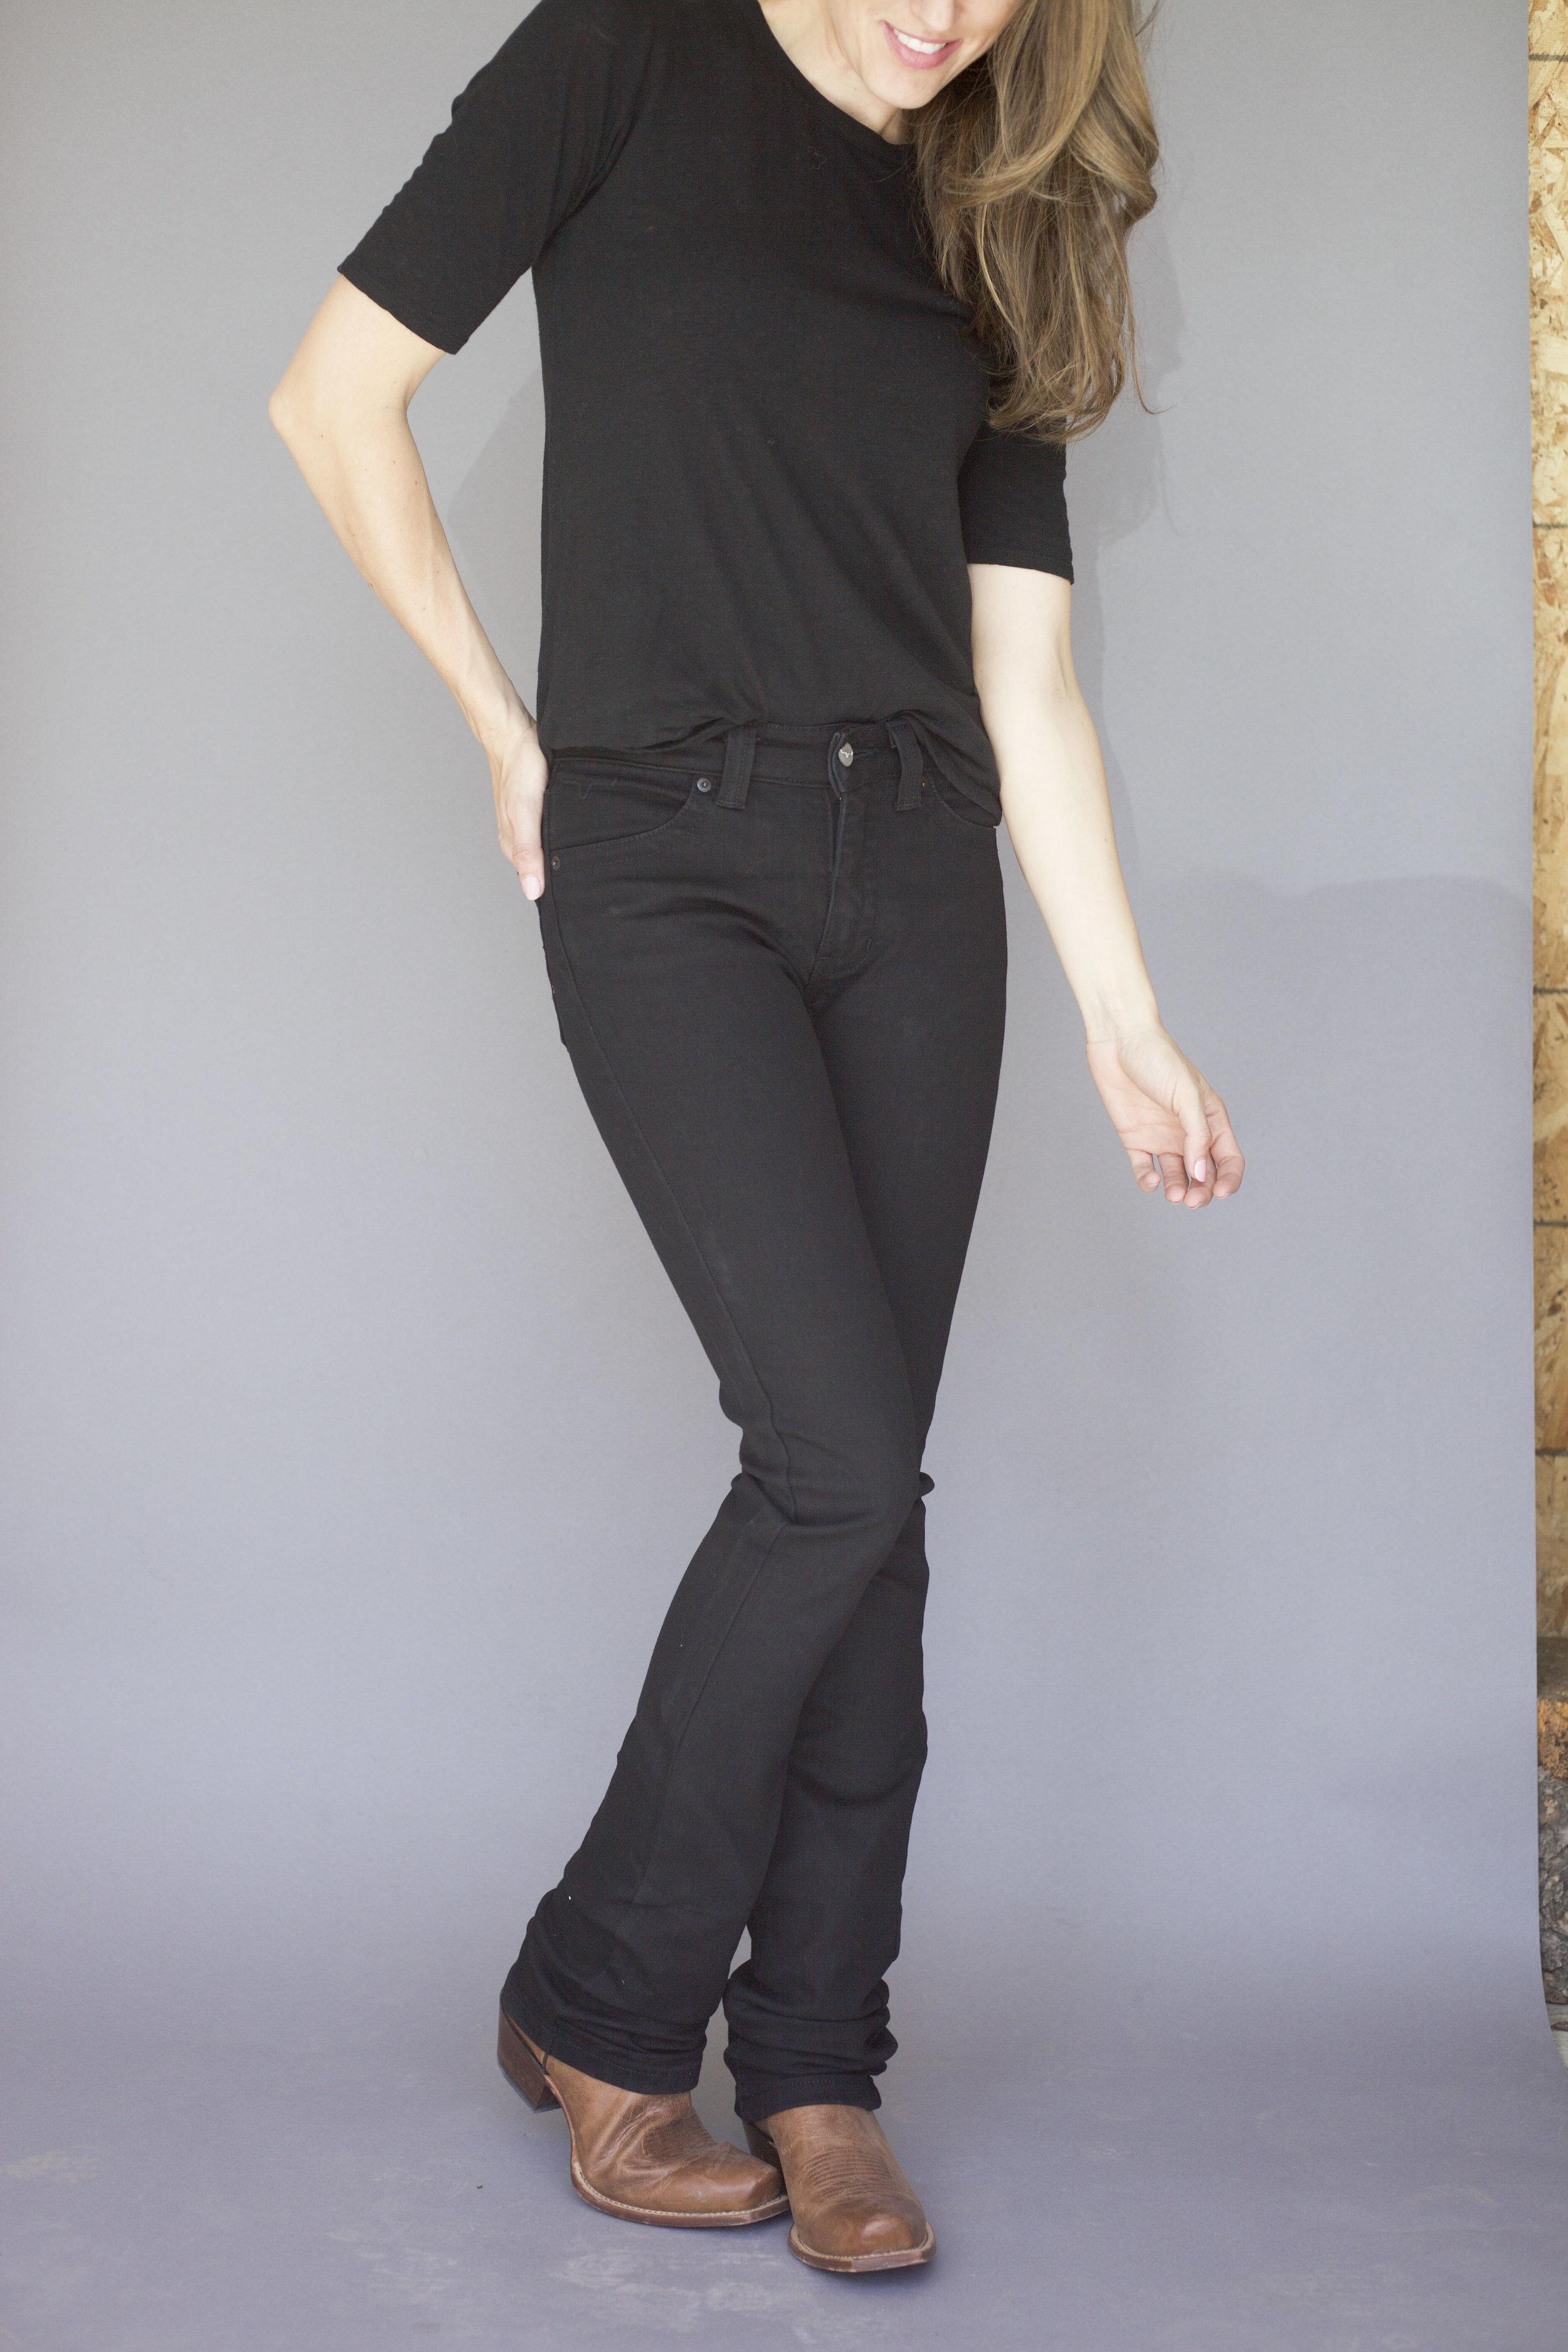 Betty in black